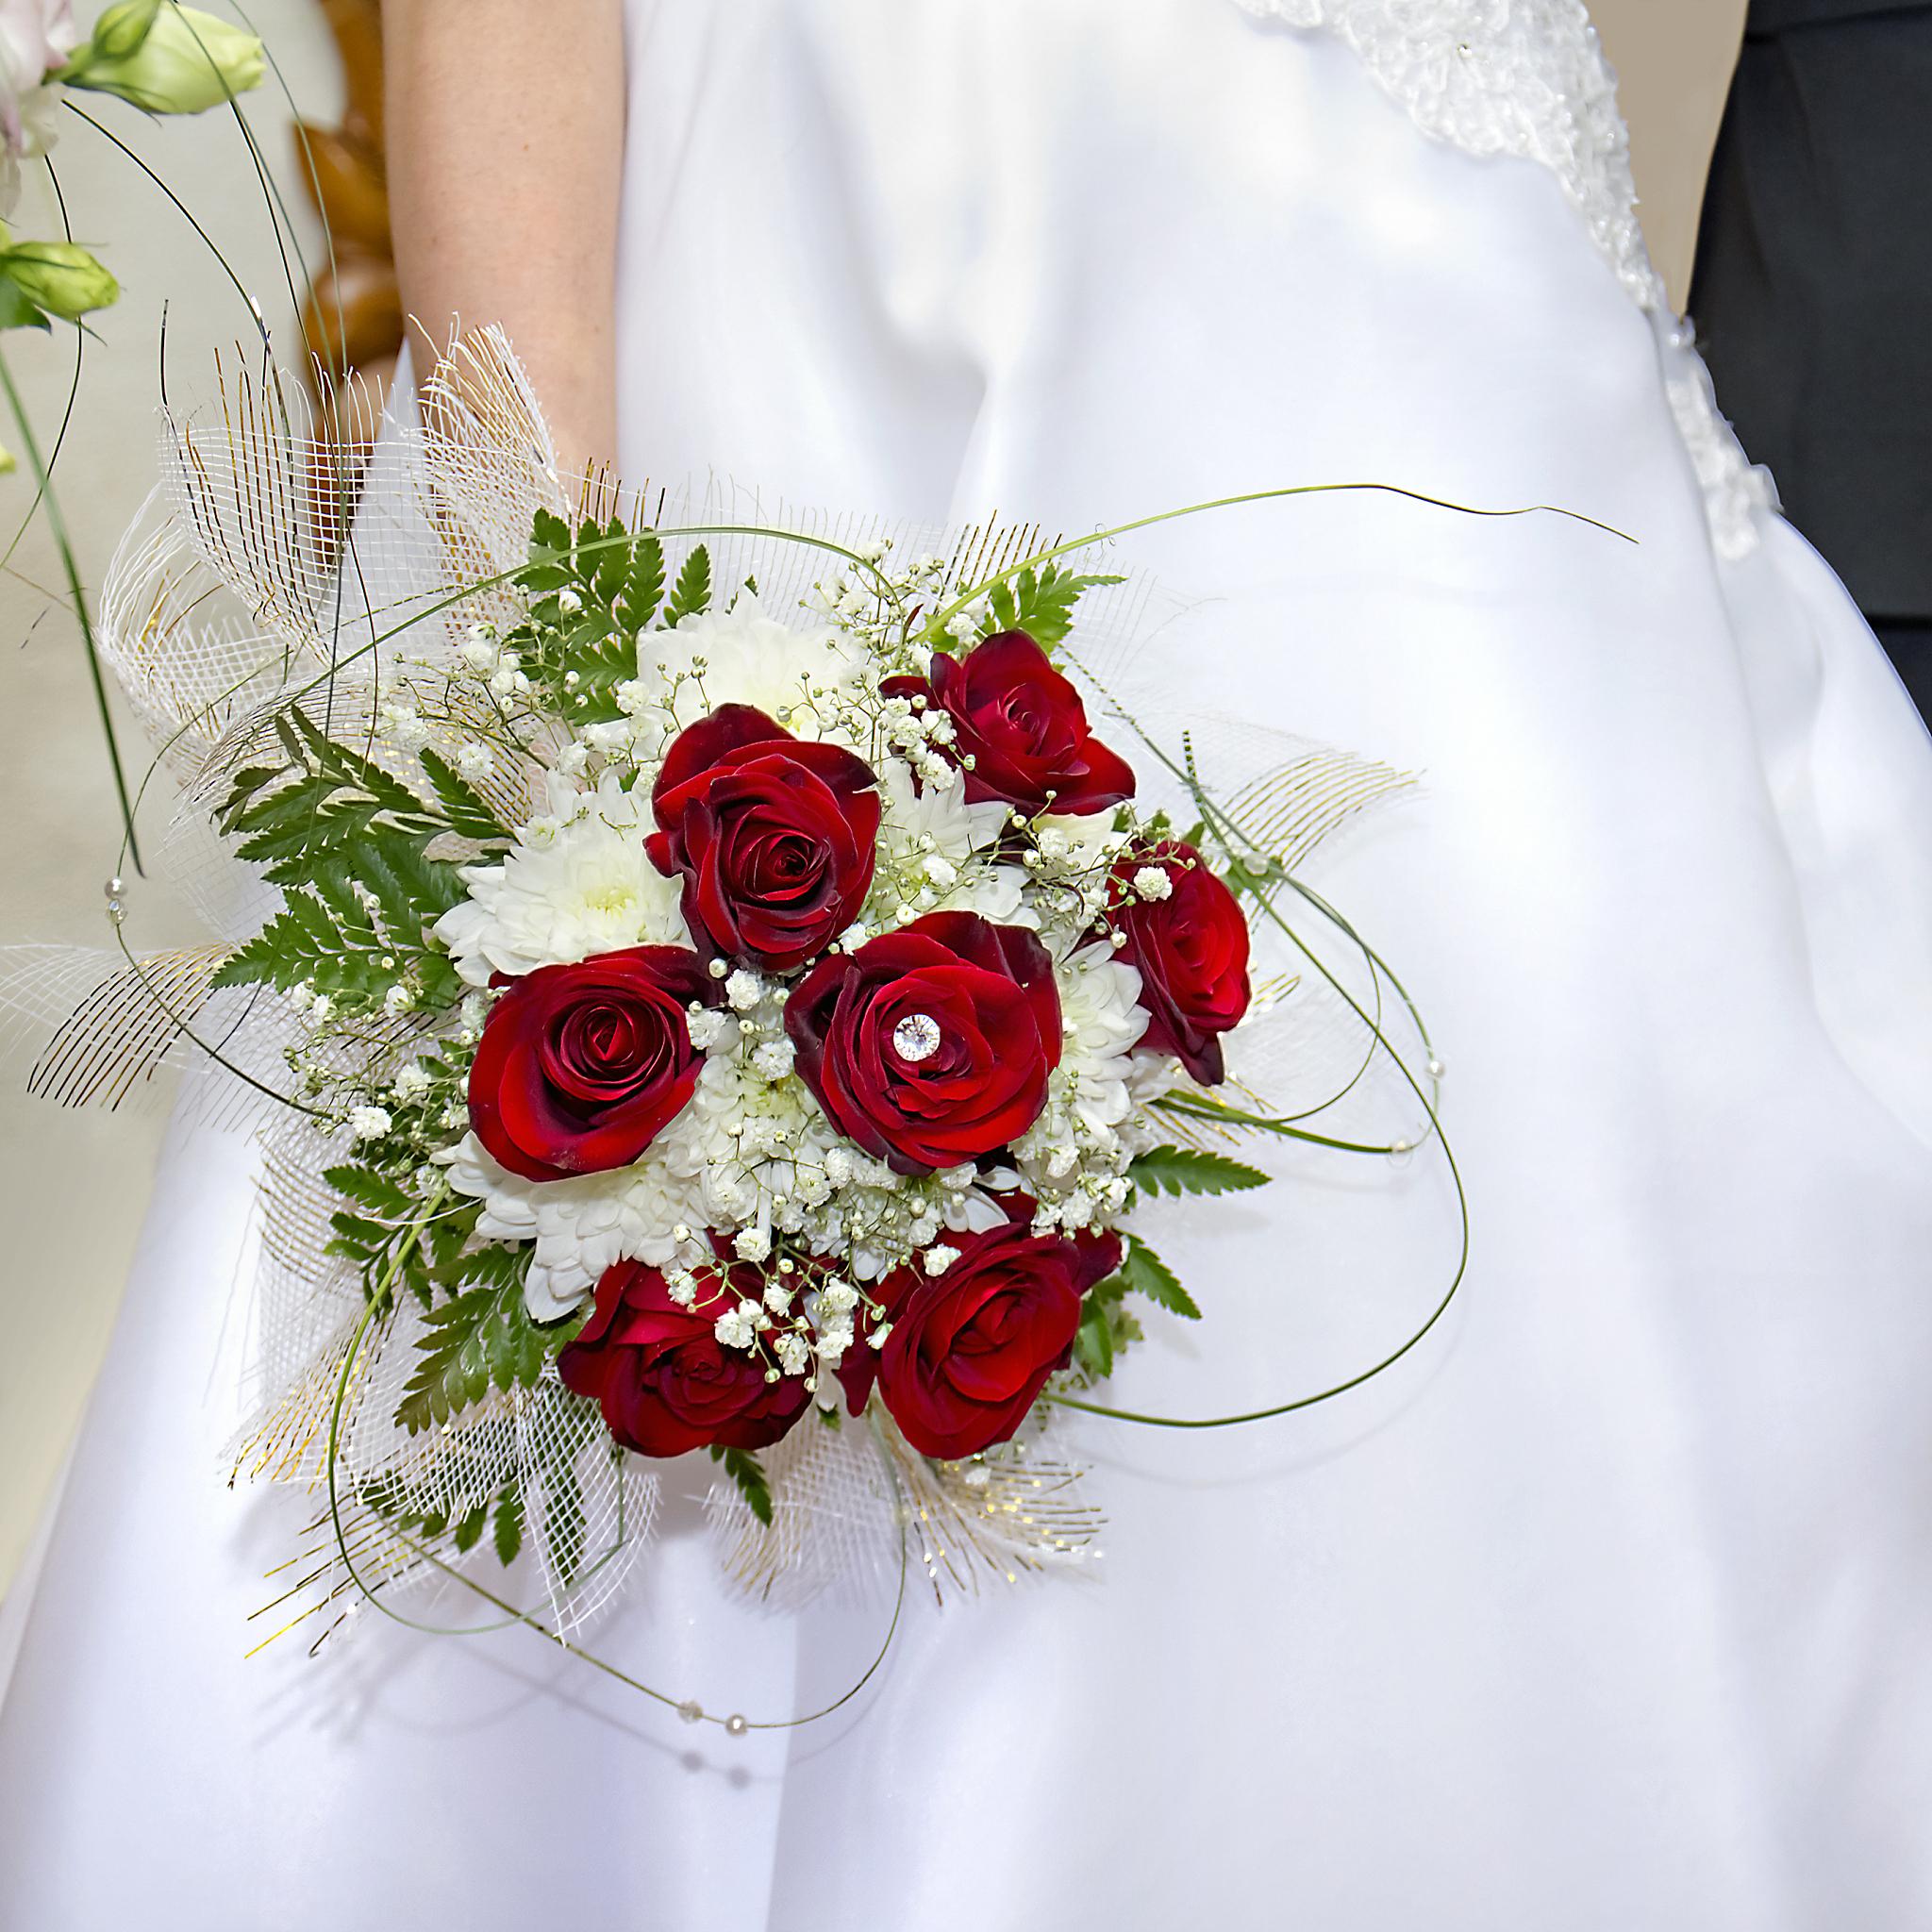 祝结婚的祝福语简短八字 小孩祝福阿姨结婚的话简短